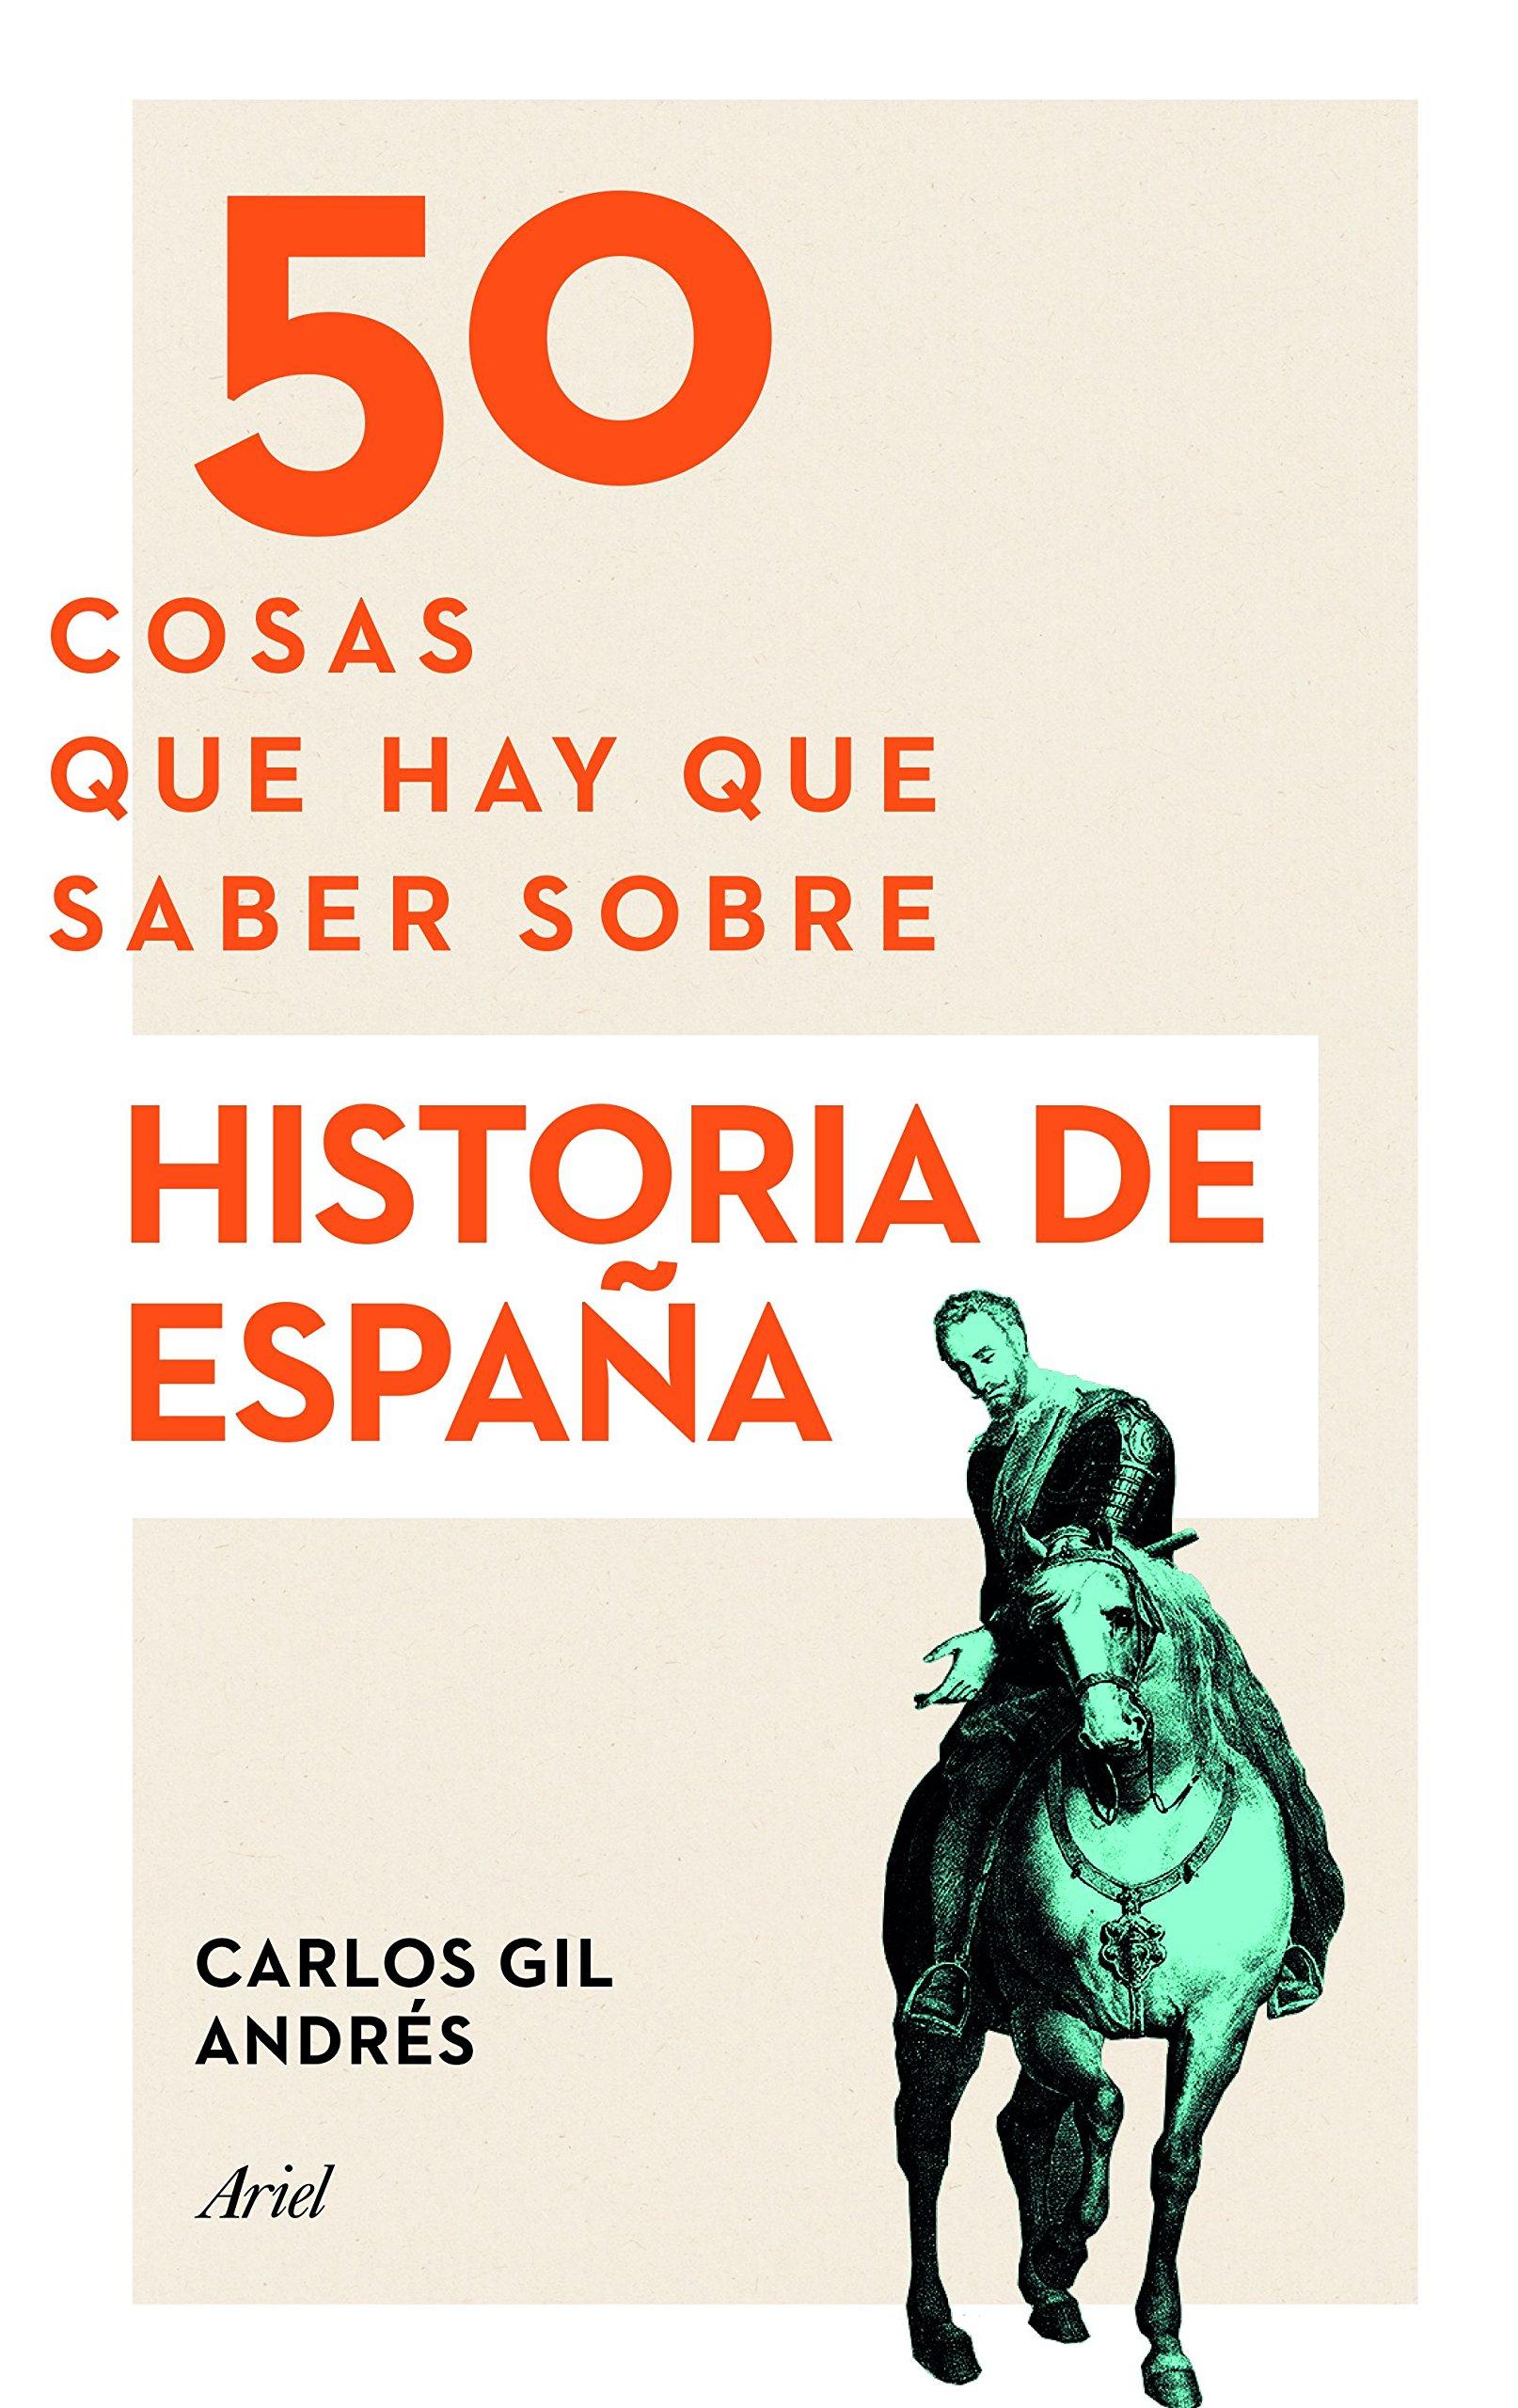 50 cosas que hay que saber sobre Historia de España: Amazon.es: Gil Andrés, Carlos: Libros